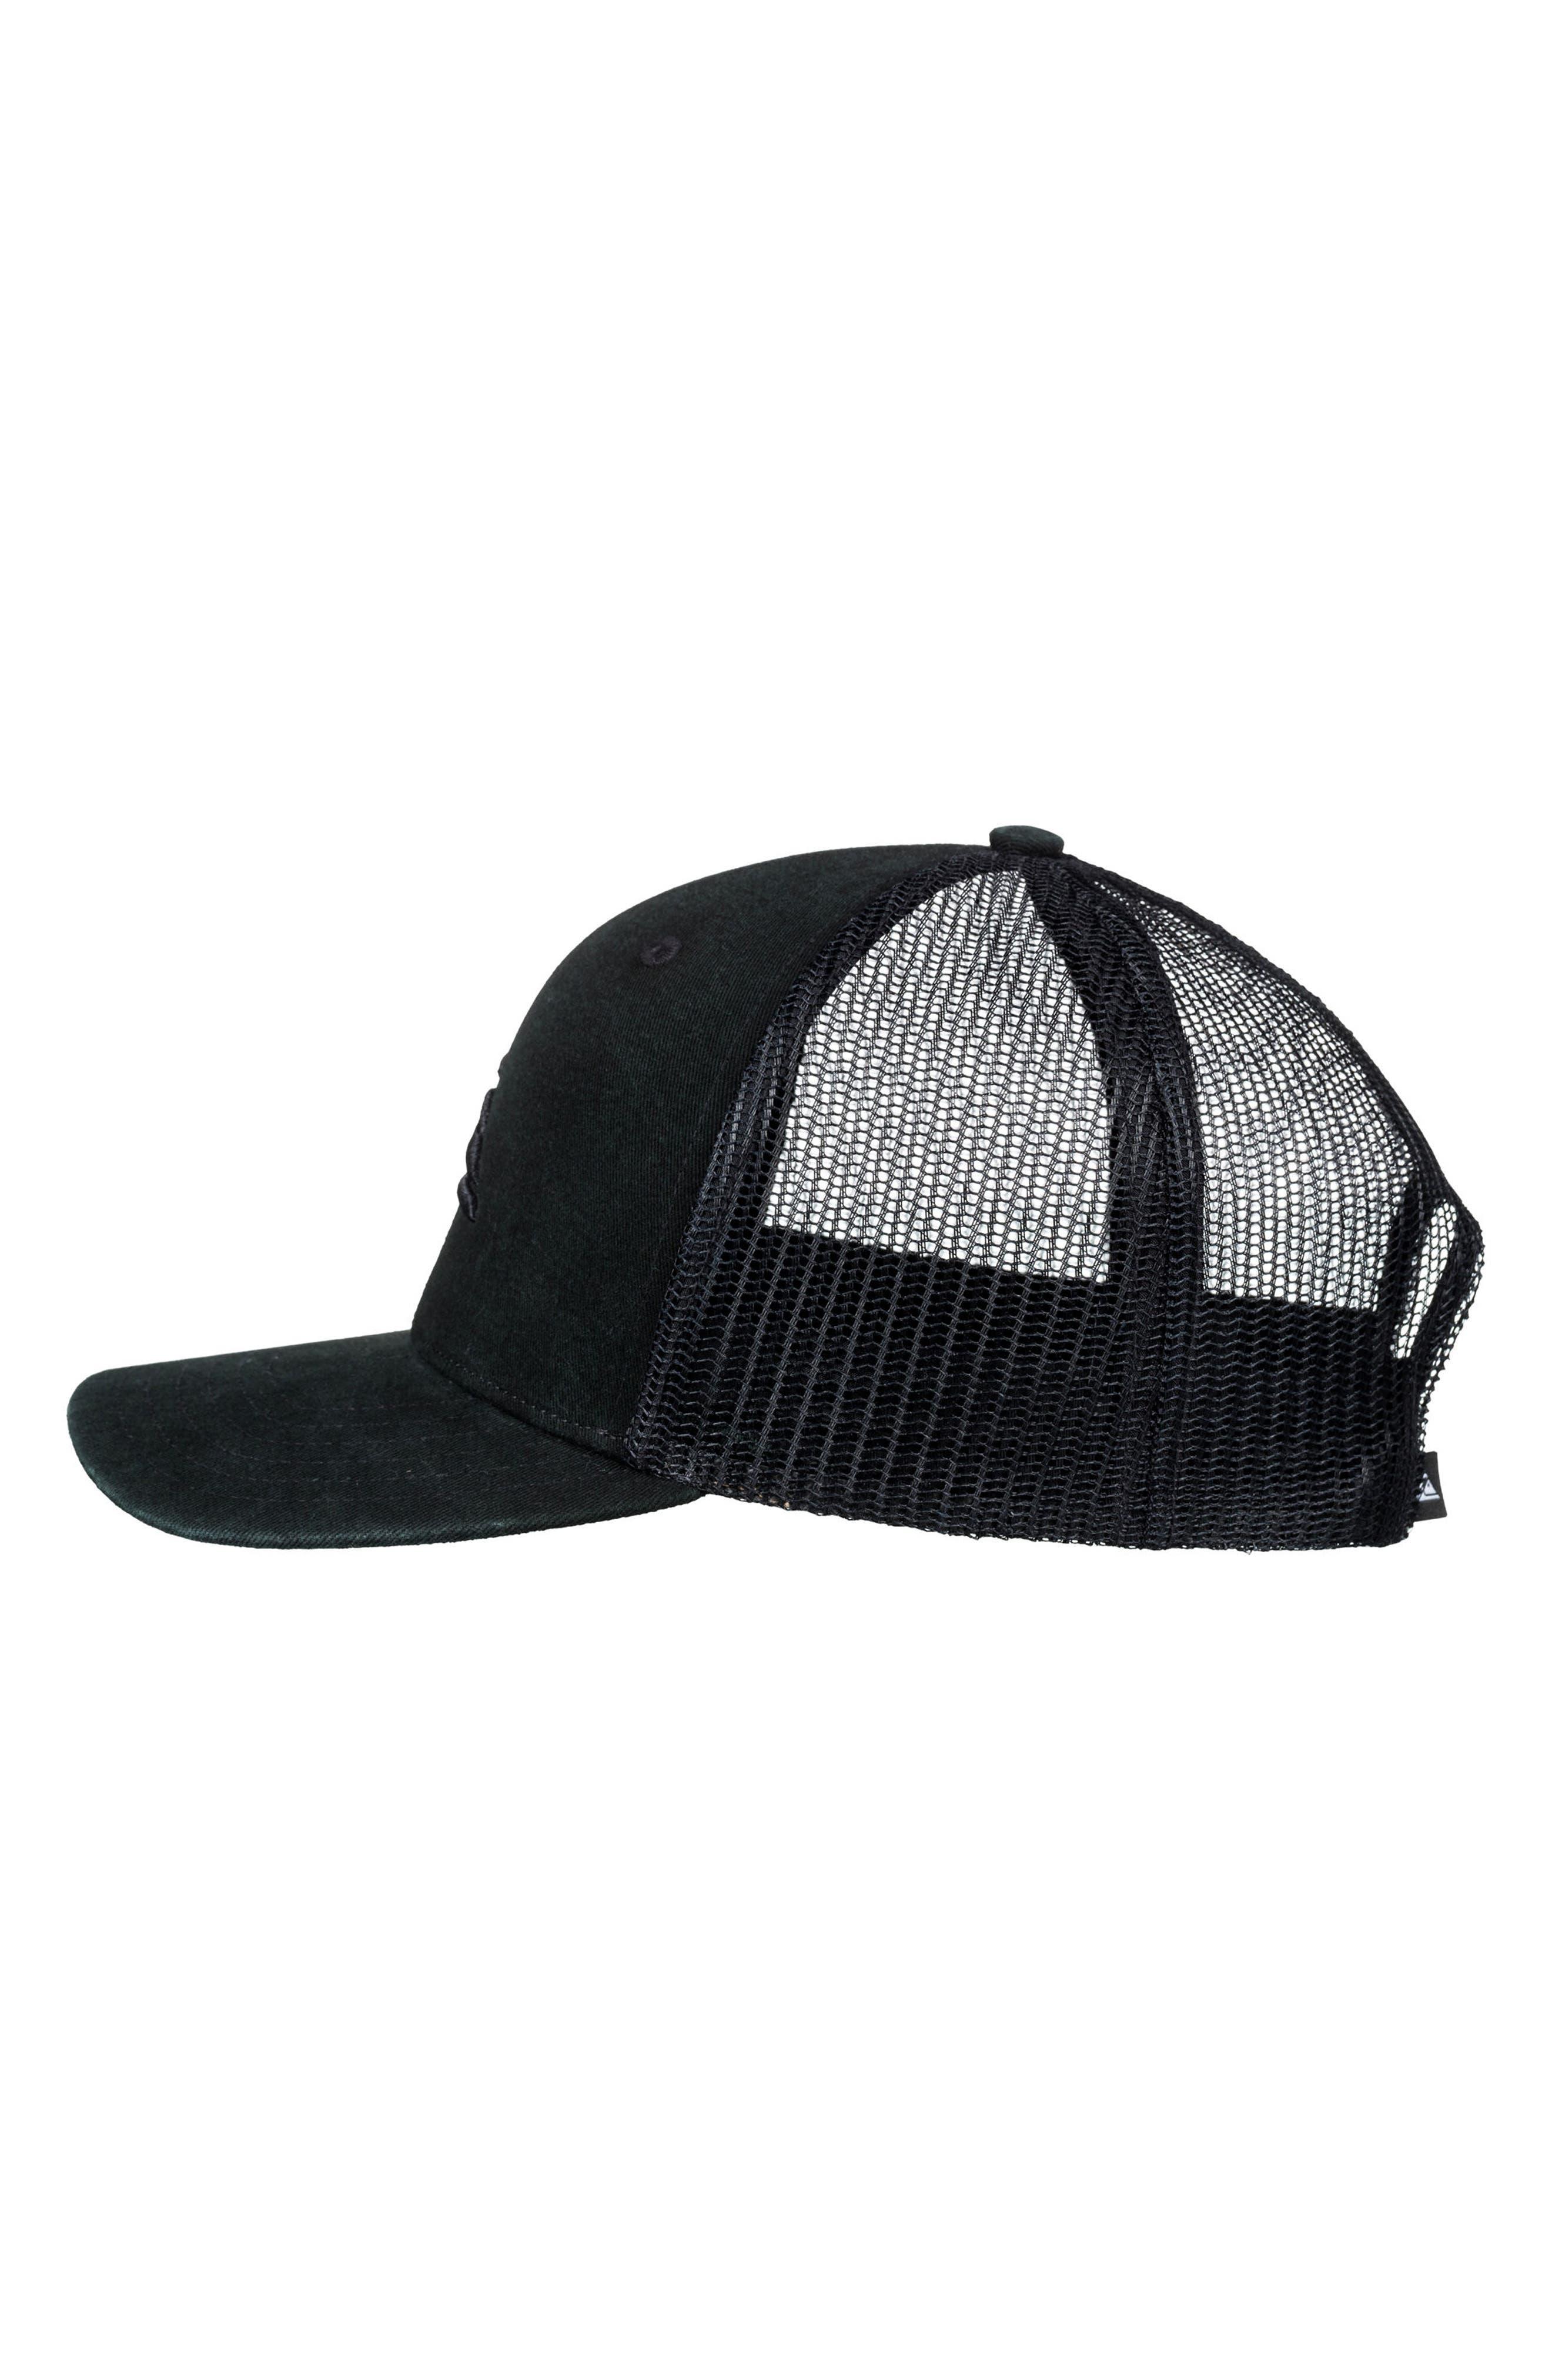 Grounder Trucker Hat,                             Alternate thumbnail 4, color,                             002